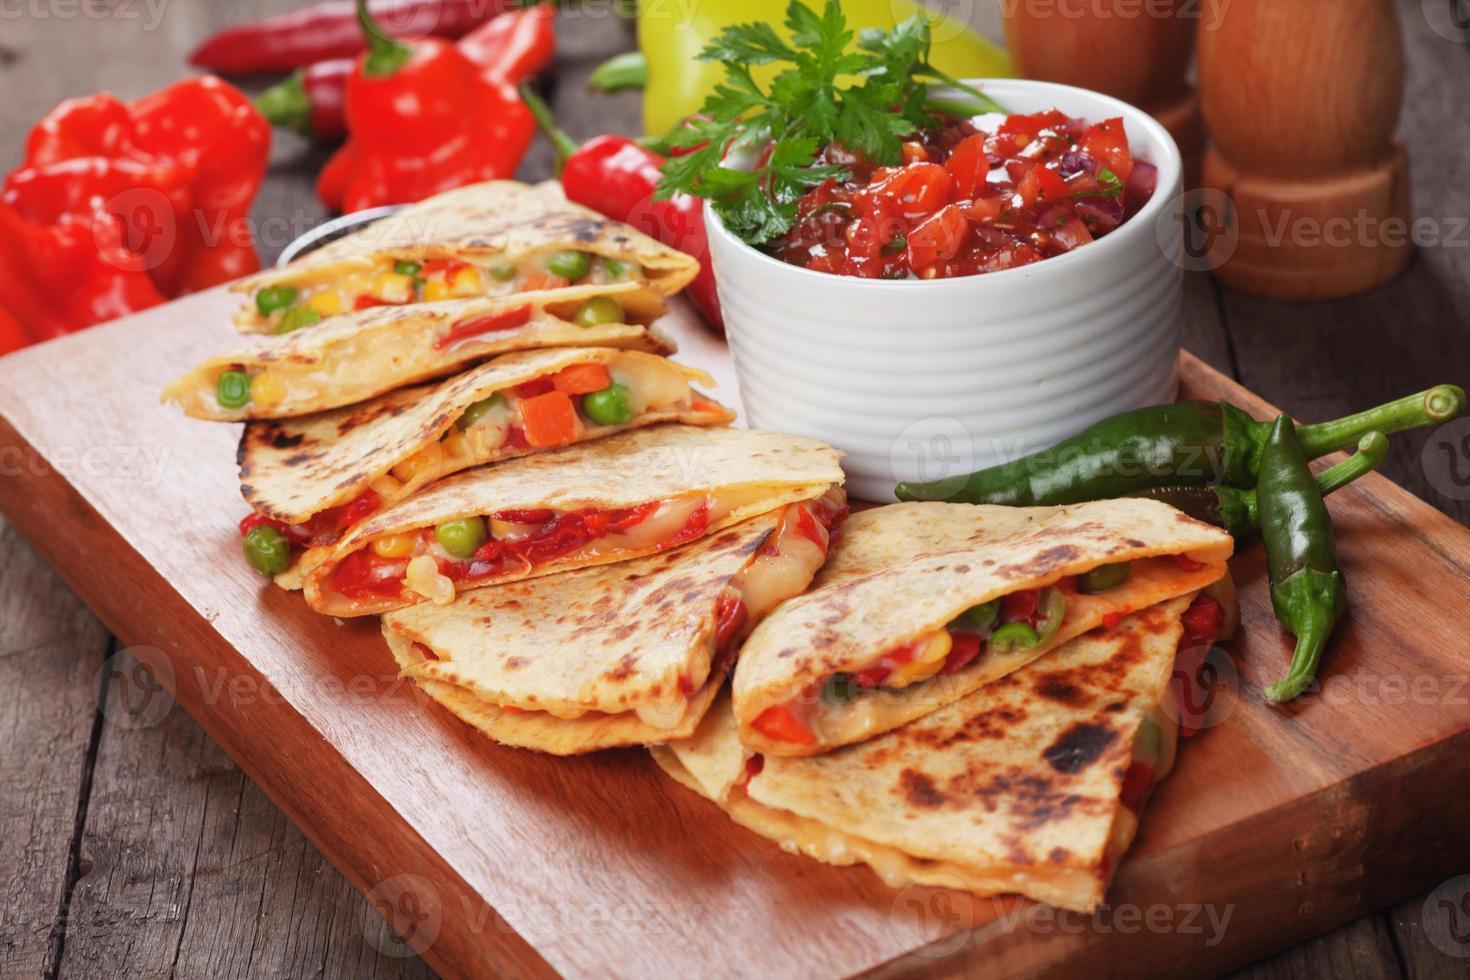 quesadillas com salsa foto